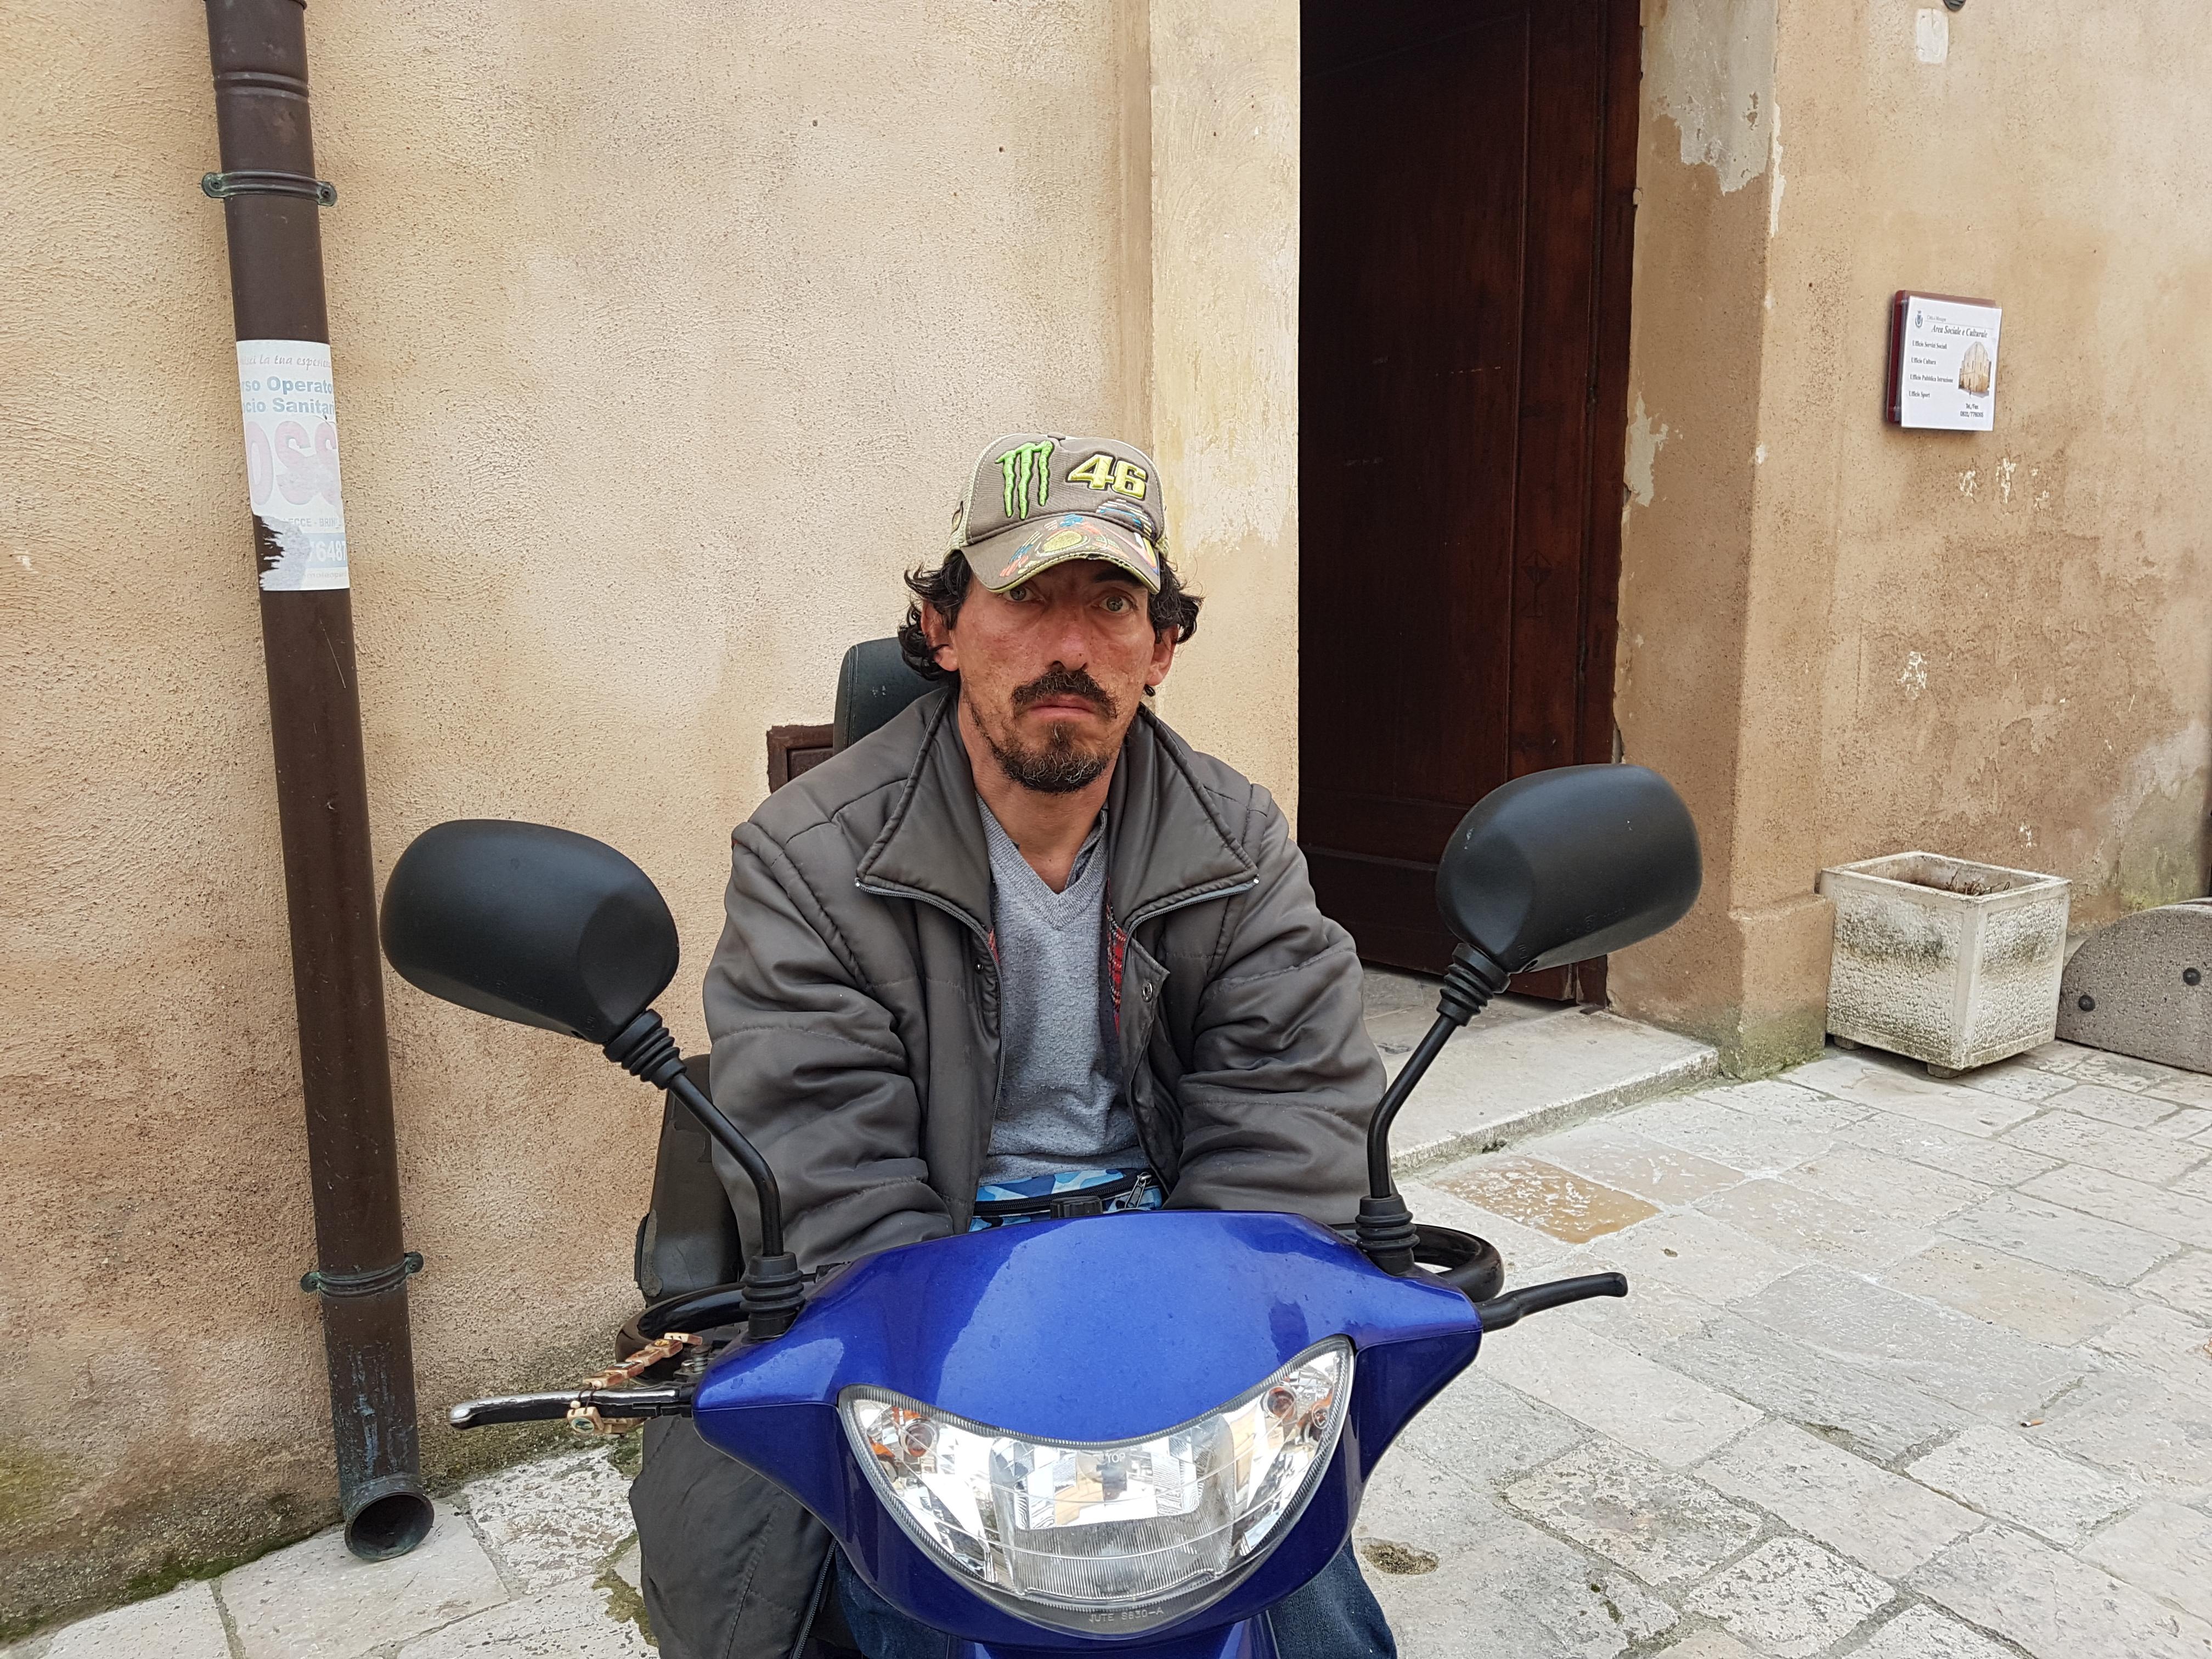 UFFICIO RECLAMI – I Servizi Sociali a Palazzo Piazzo sono off limits per Vincenzo